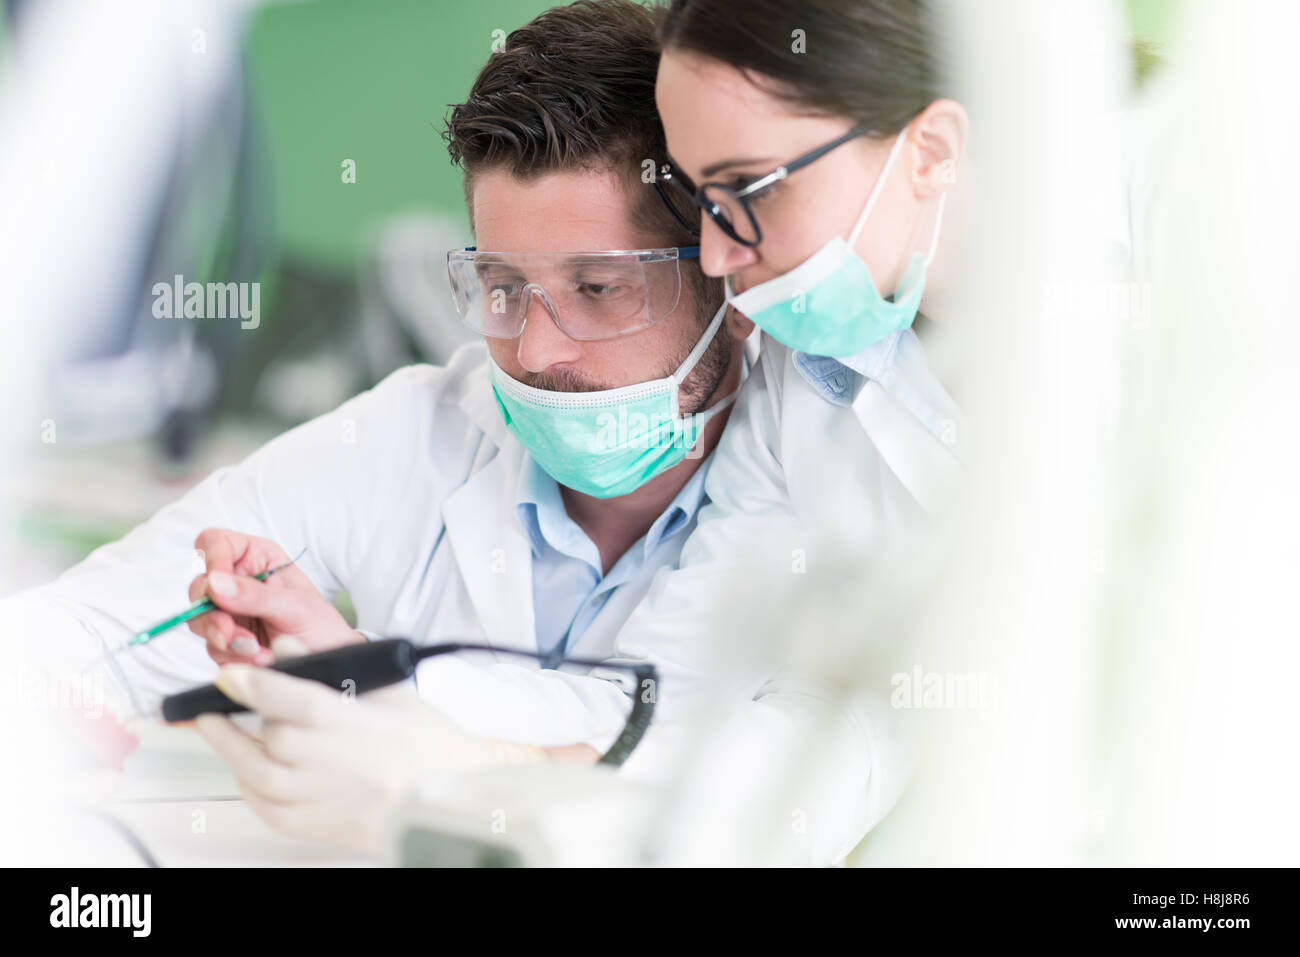 Beschäftigt junge Zahnmedizin-Studenten, die Arbeiten sorgfältig auf ...